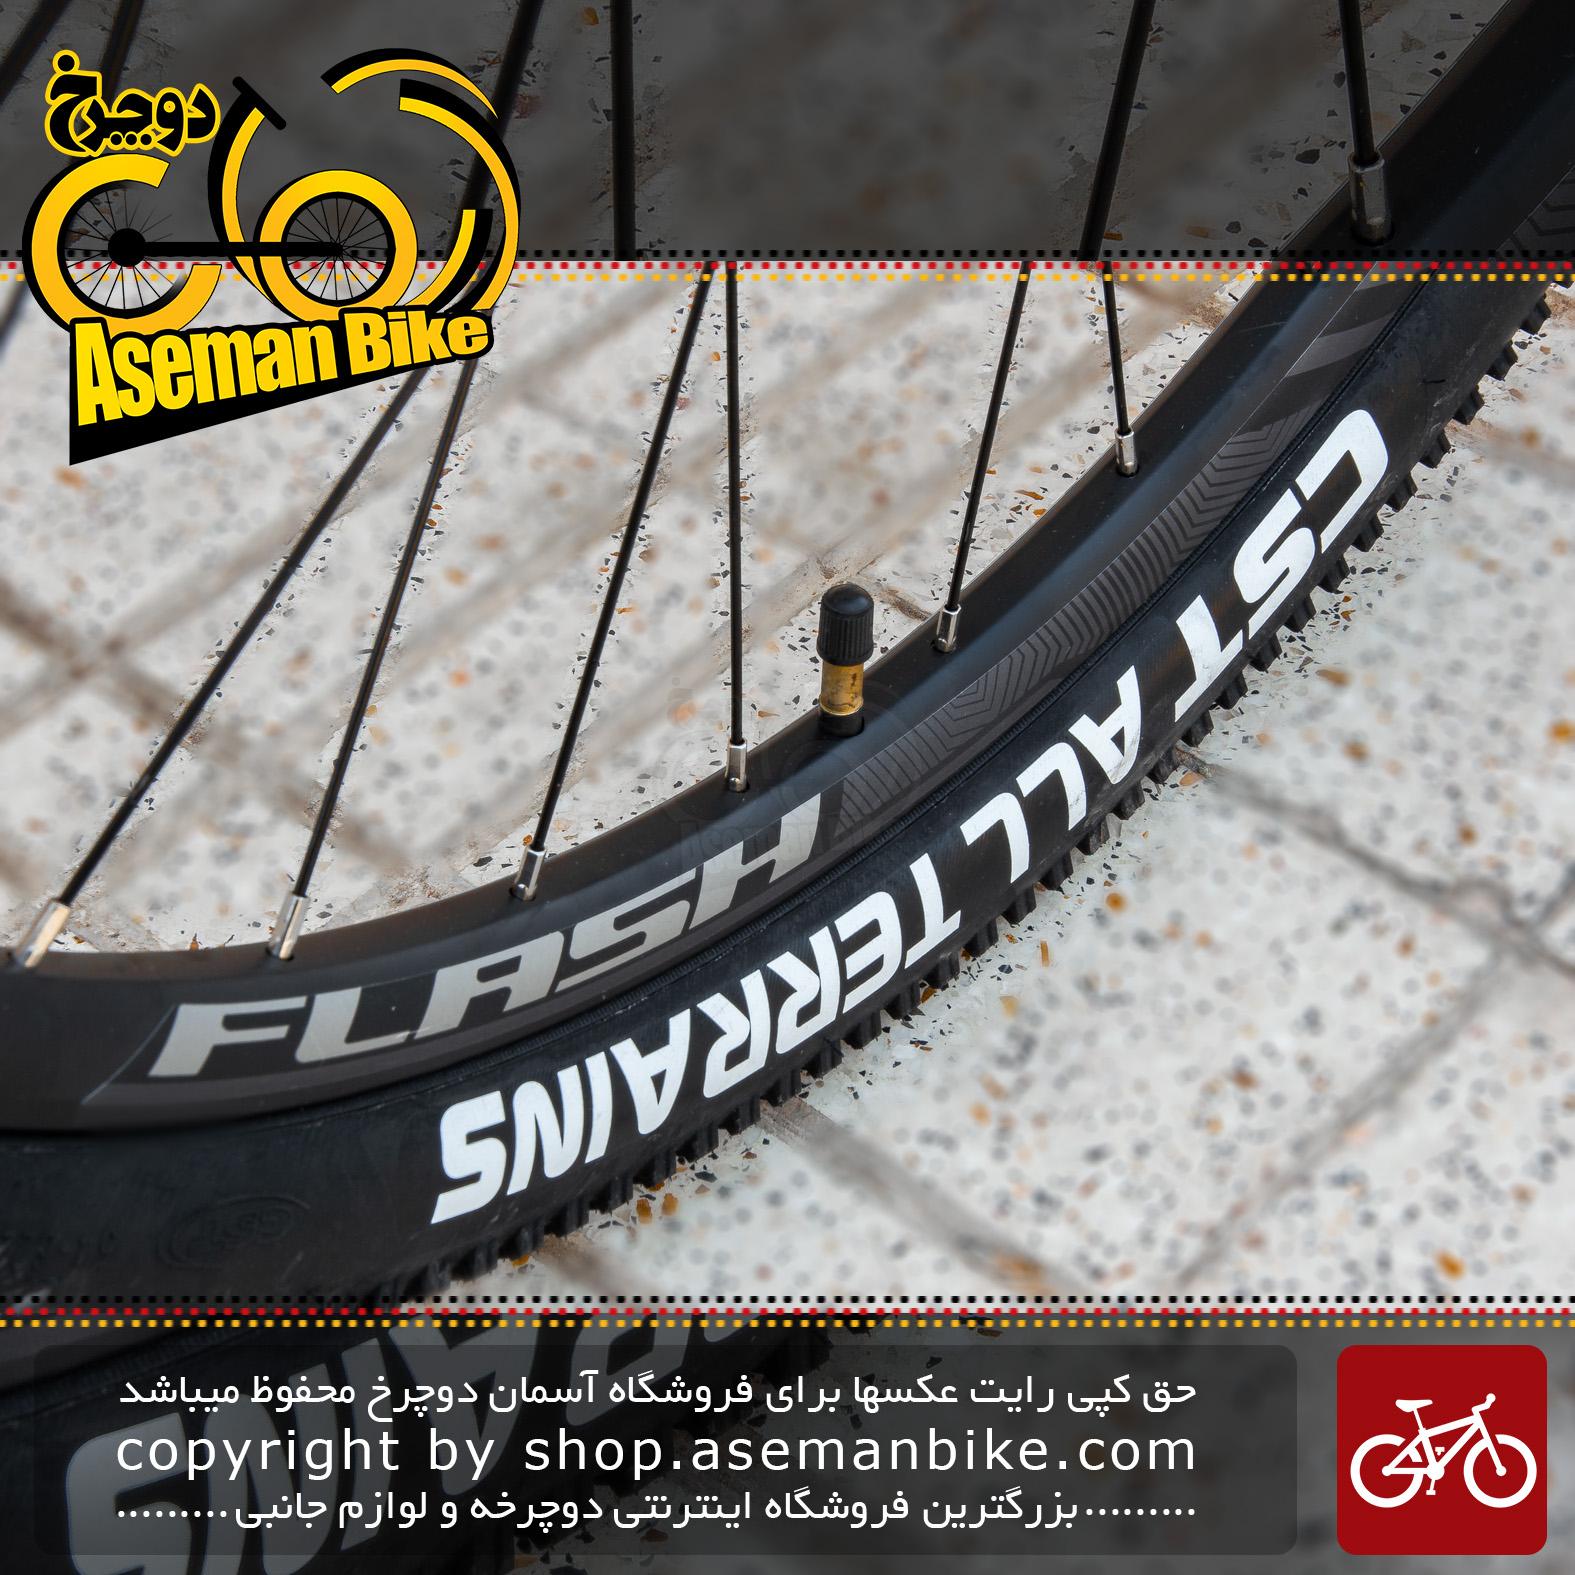 دوچرخه کوهستان فلش مدل تیم 4 سایز 29 18سرعته 2020 رنگ مشکی و نارنجی bicycle mtb flash team 4 size 29 18 speed 2020 black & orange